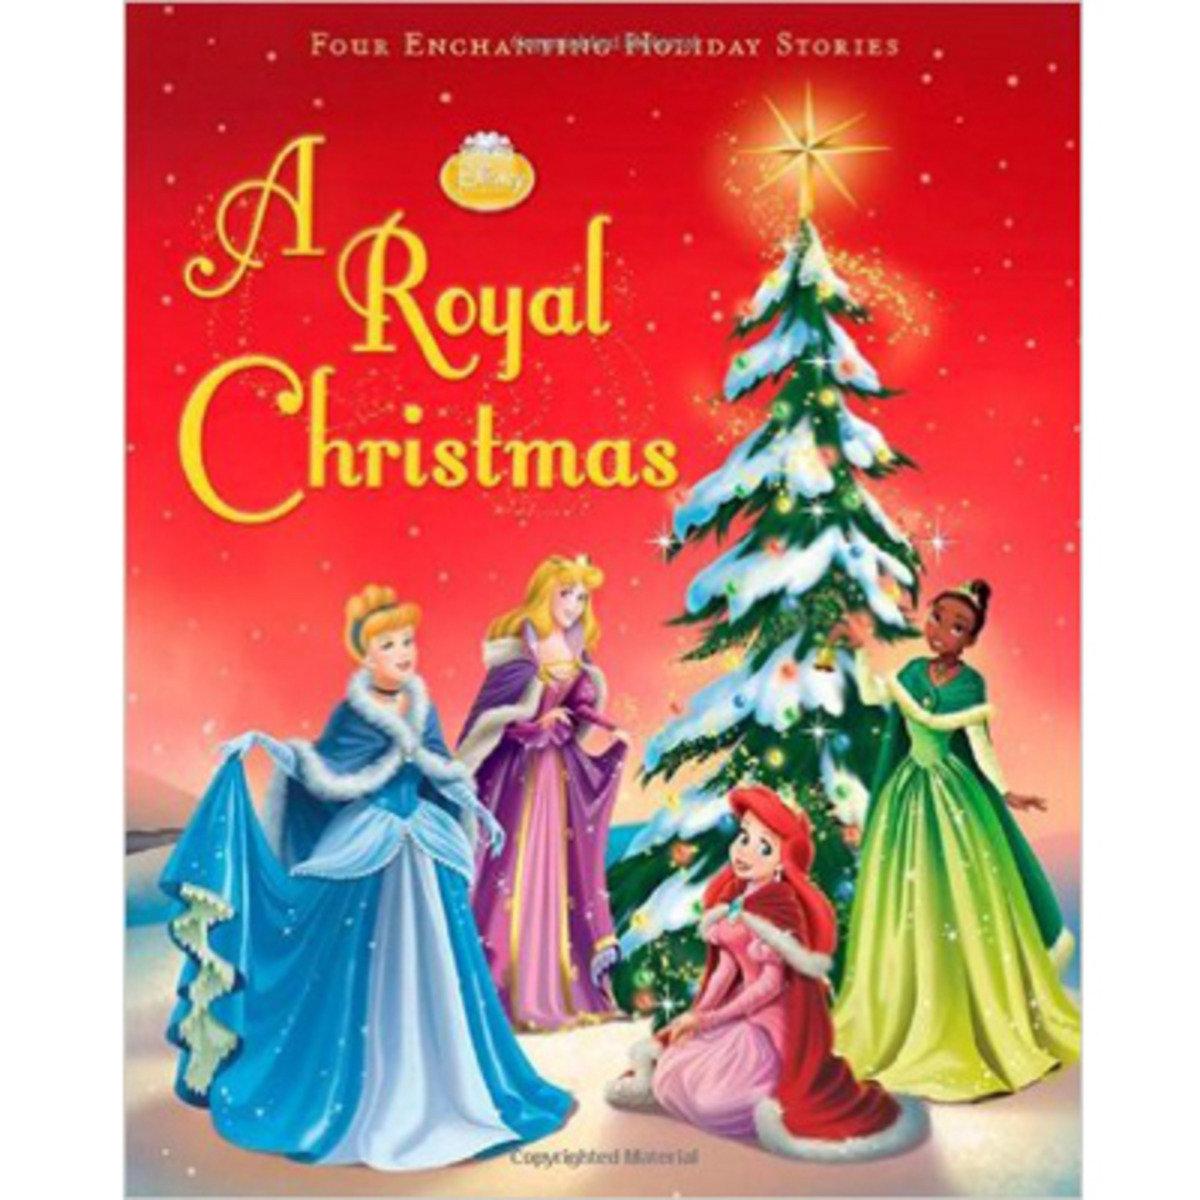 DISNEY PRINCESS: A ROYAL CHRISTMAS 9781423131427